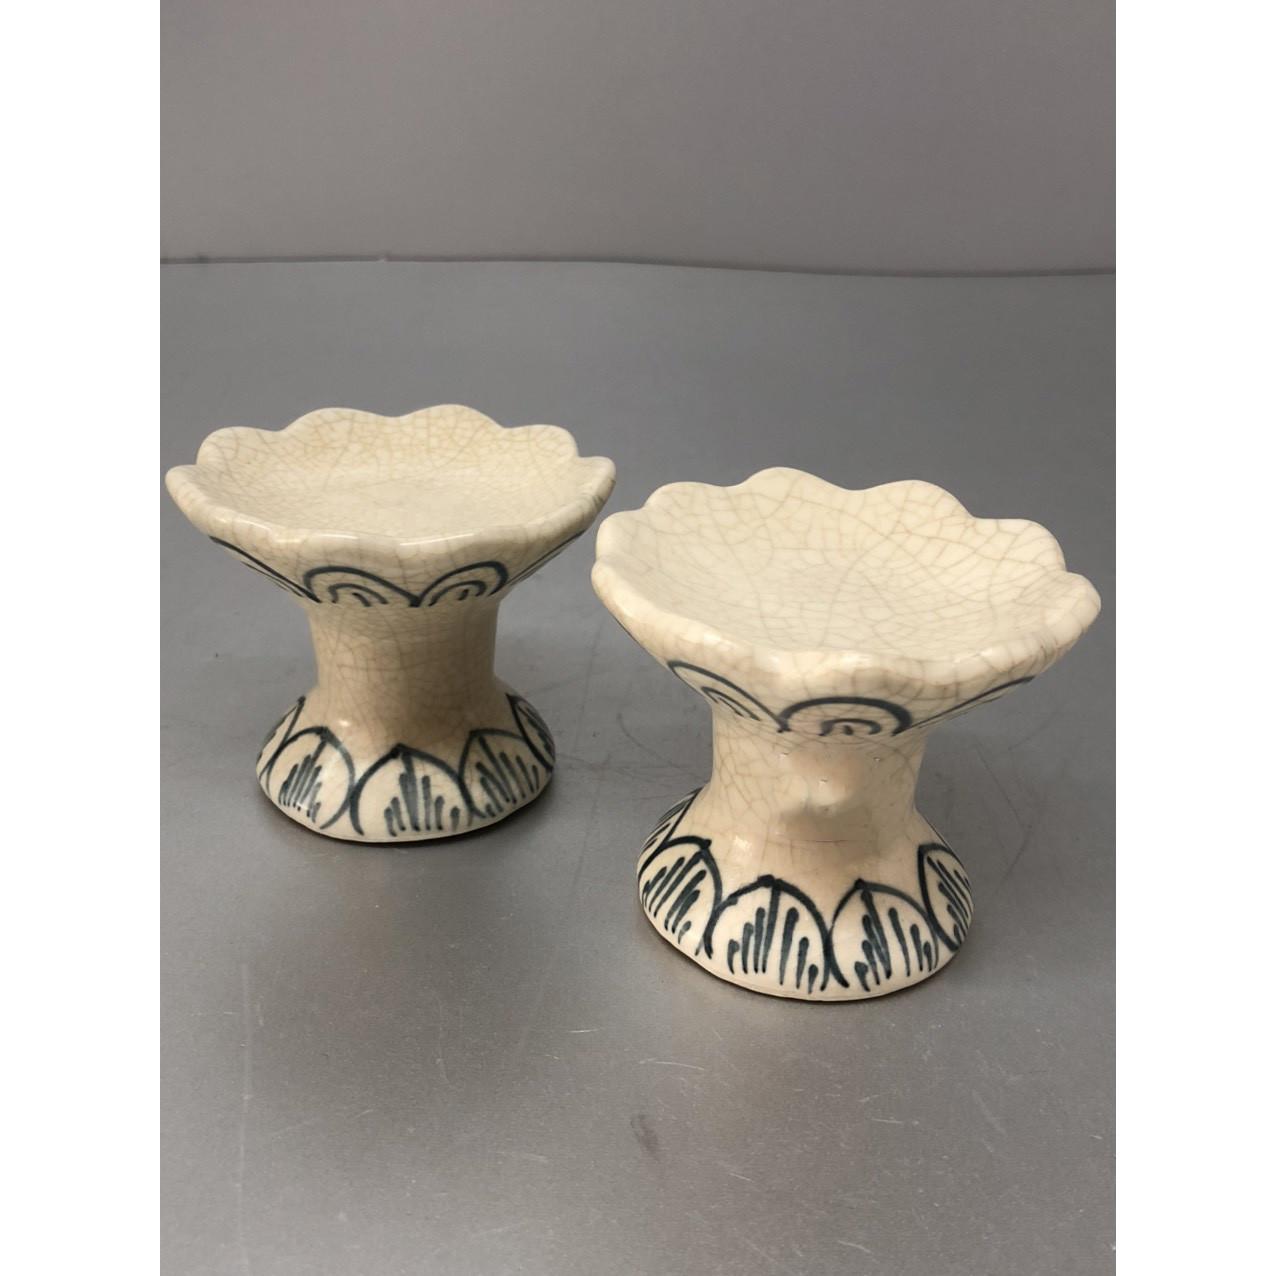 Đôi chân nến bằng gốm men rạn (tặng kèm 2 chiếc nến bơ)